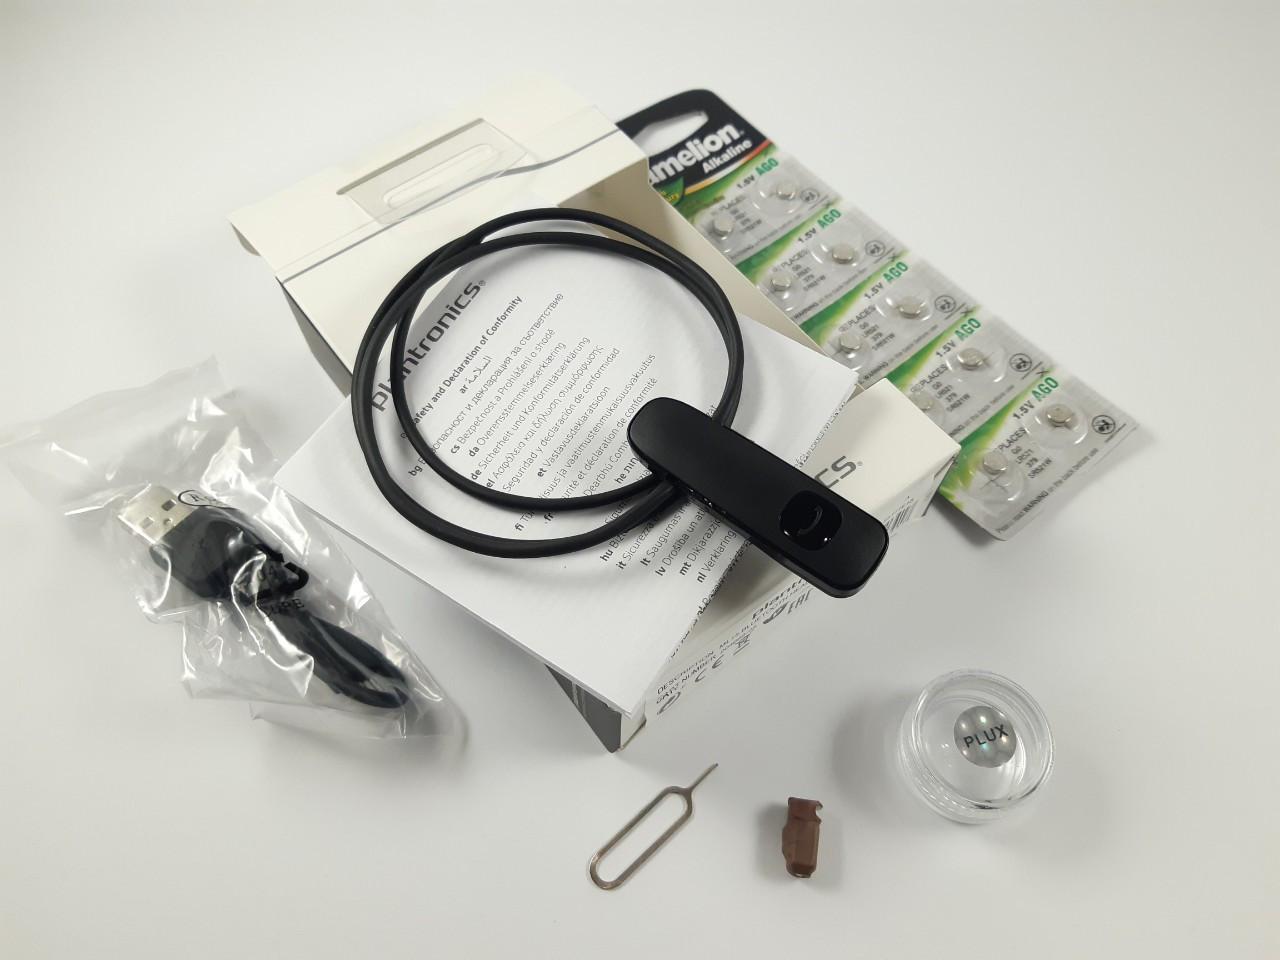 Микронаушник для сдачи экзаменов, PL-23 Bluetooth Plantronics